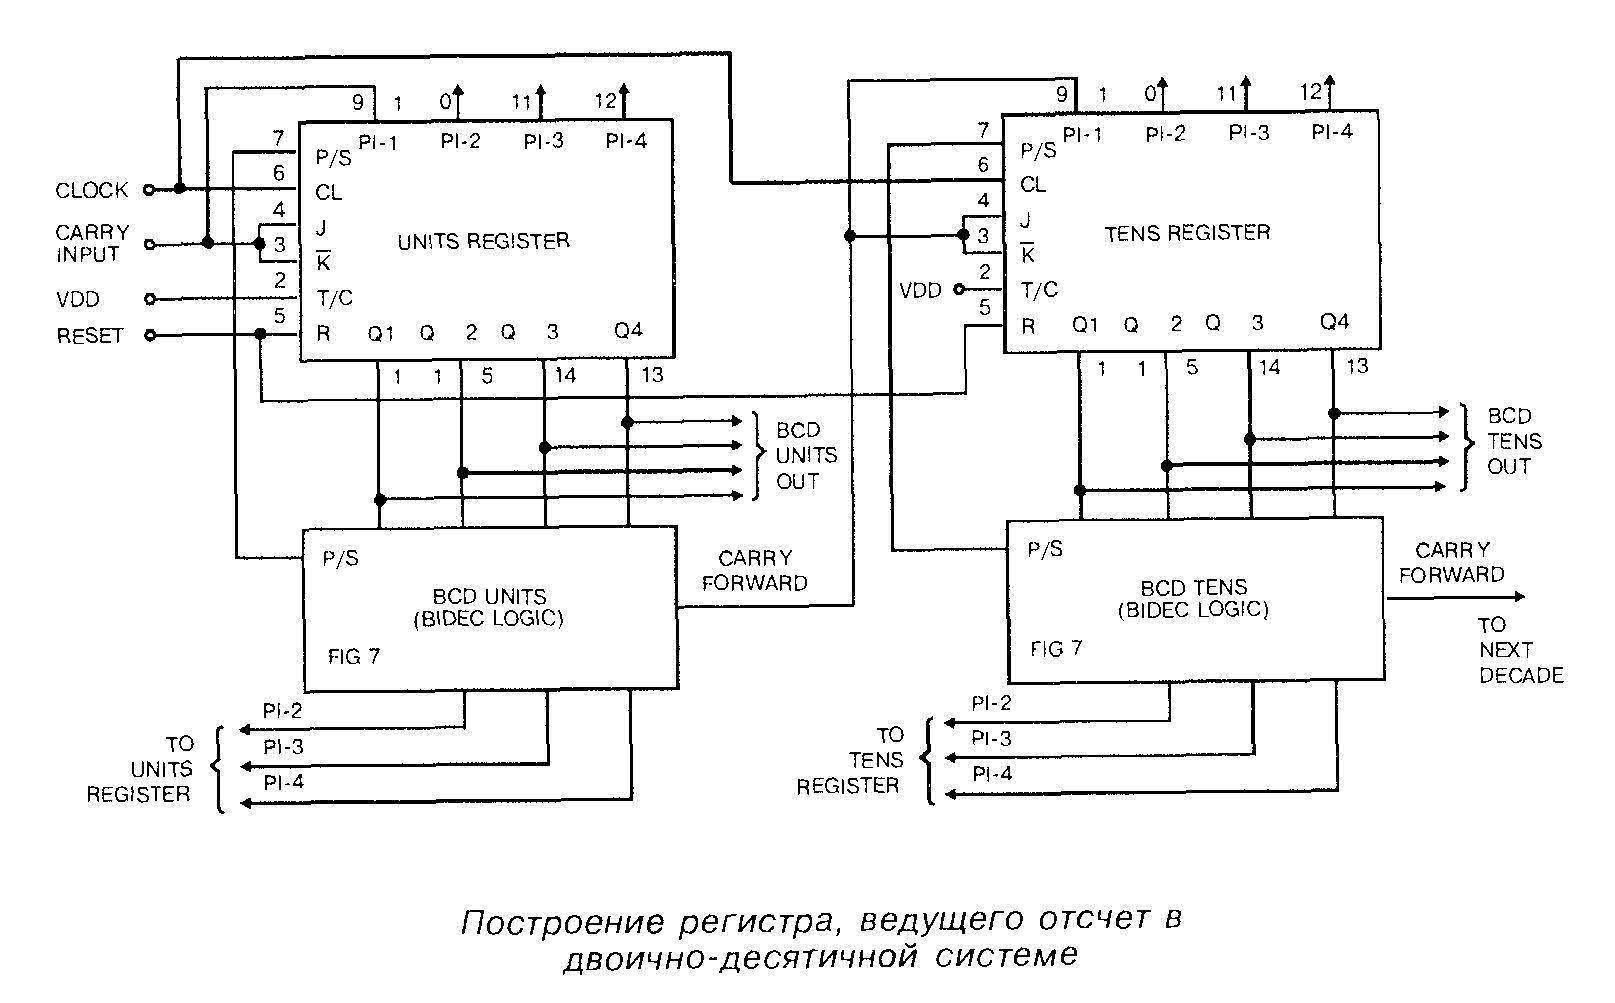 Построение регистра, ведущего отчёт в двоично-десятичной системе